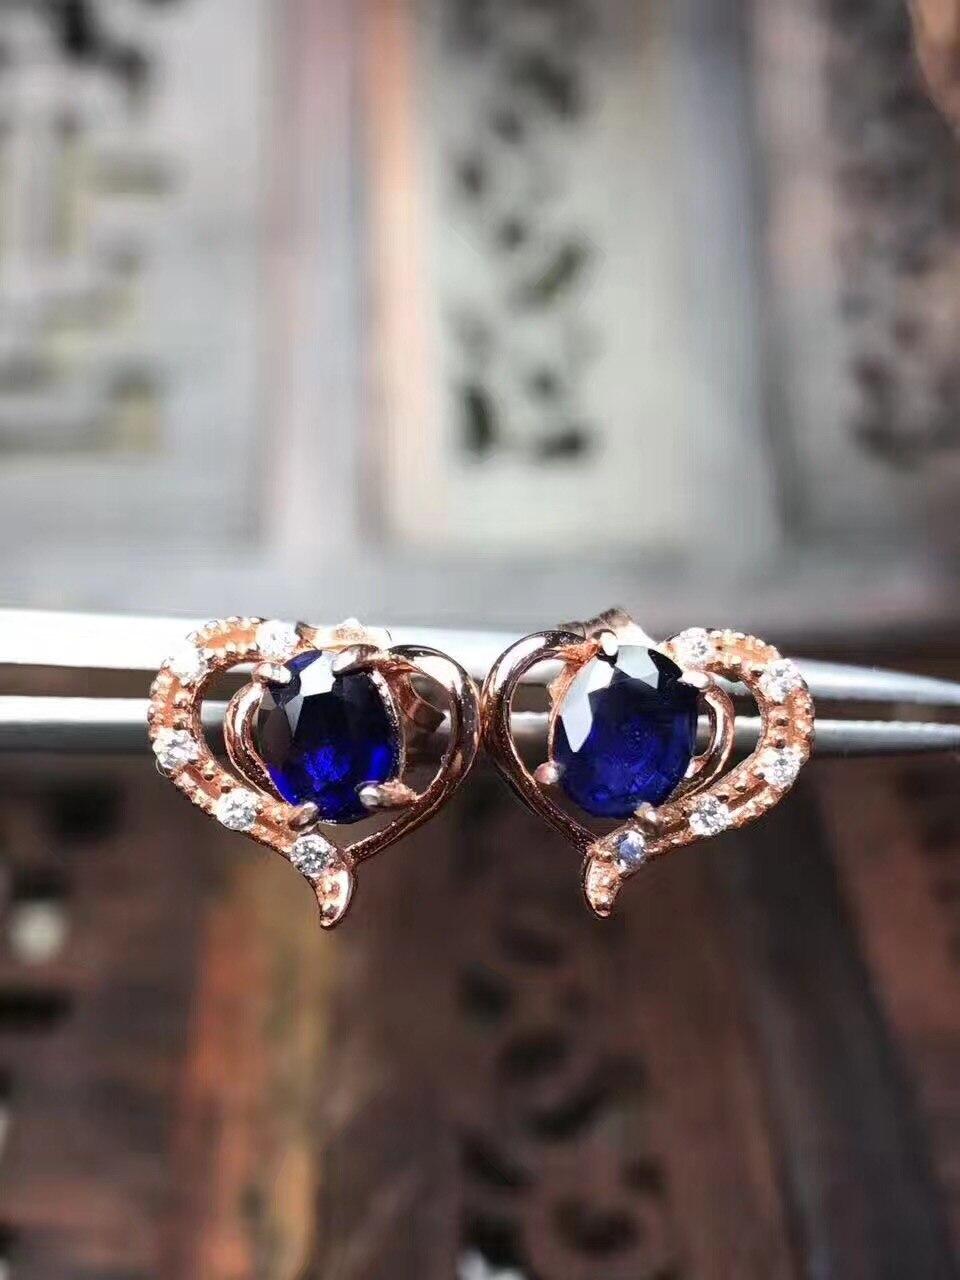 Sapphire stud oorbel Voor mannen of vrouwen Natuurlijke echte saffier 925 sterling zilver 4*5mm 2 stks edelsteen - 5